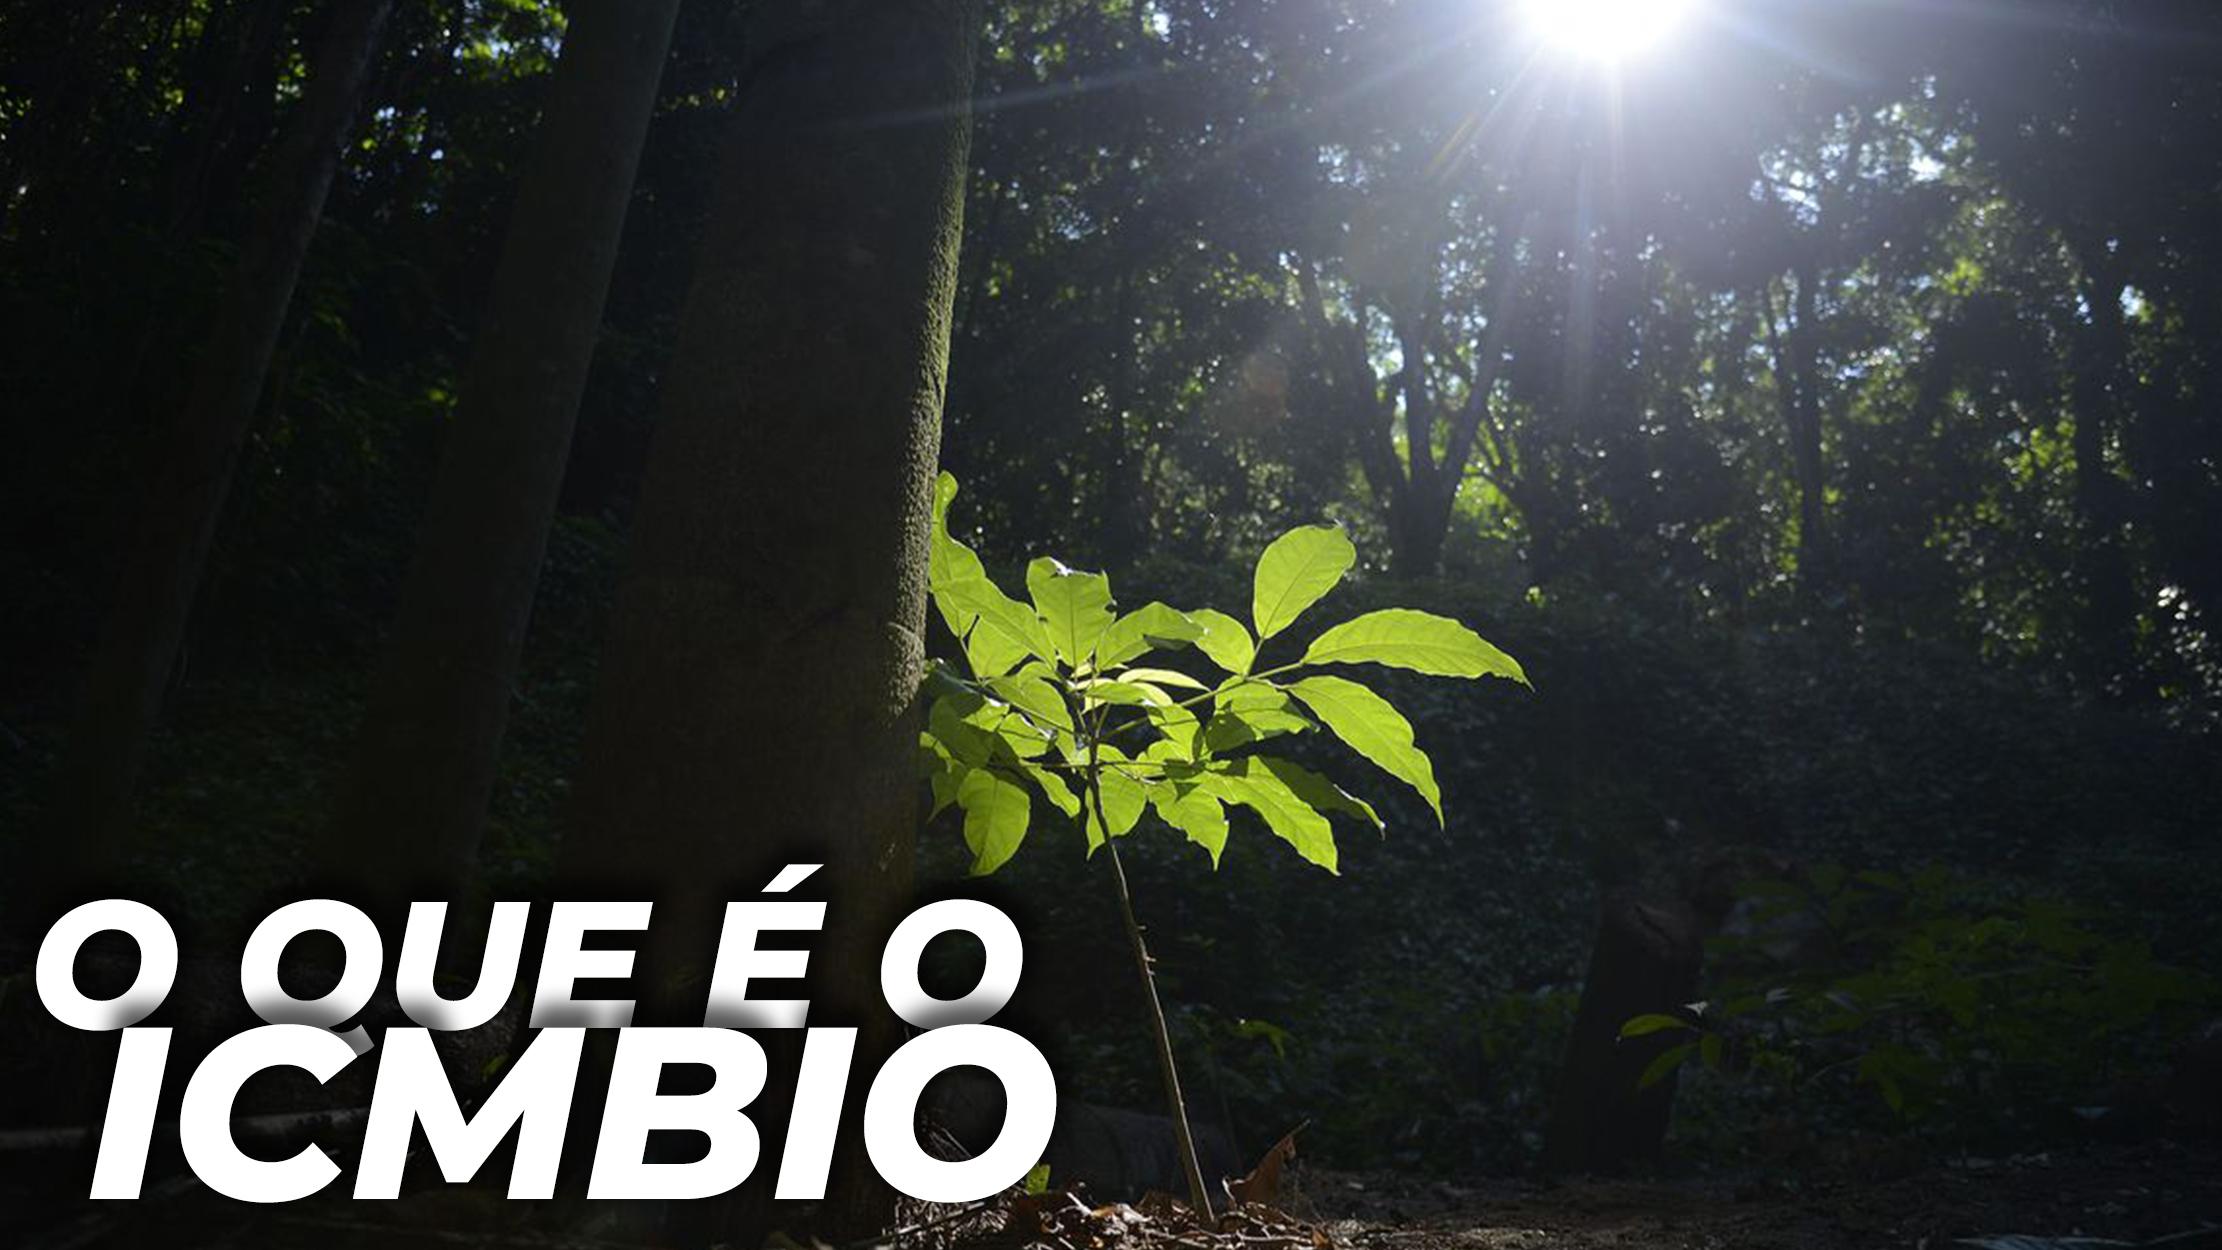 ICMBIO: O QUE FAZ O ÓRGÃO ATACADO POR JAIR BOLSONARO